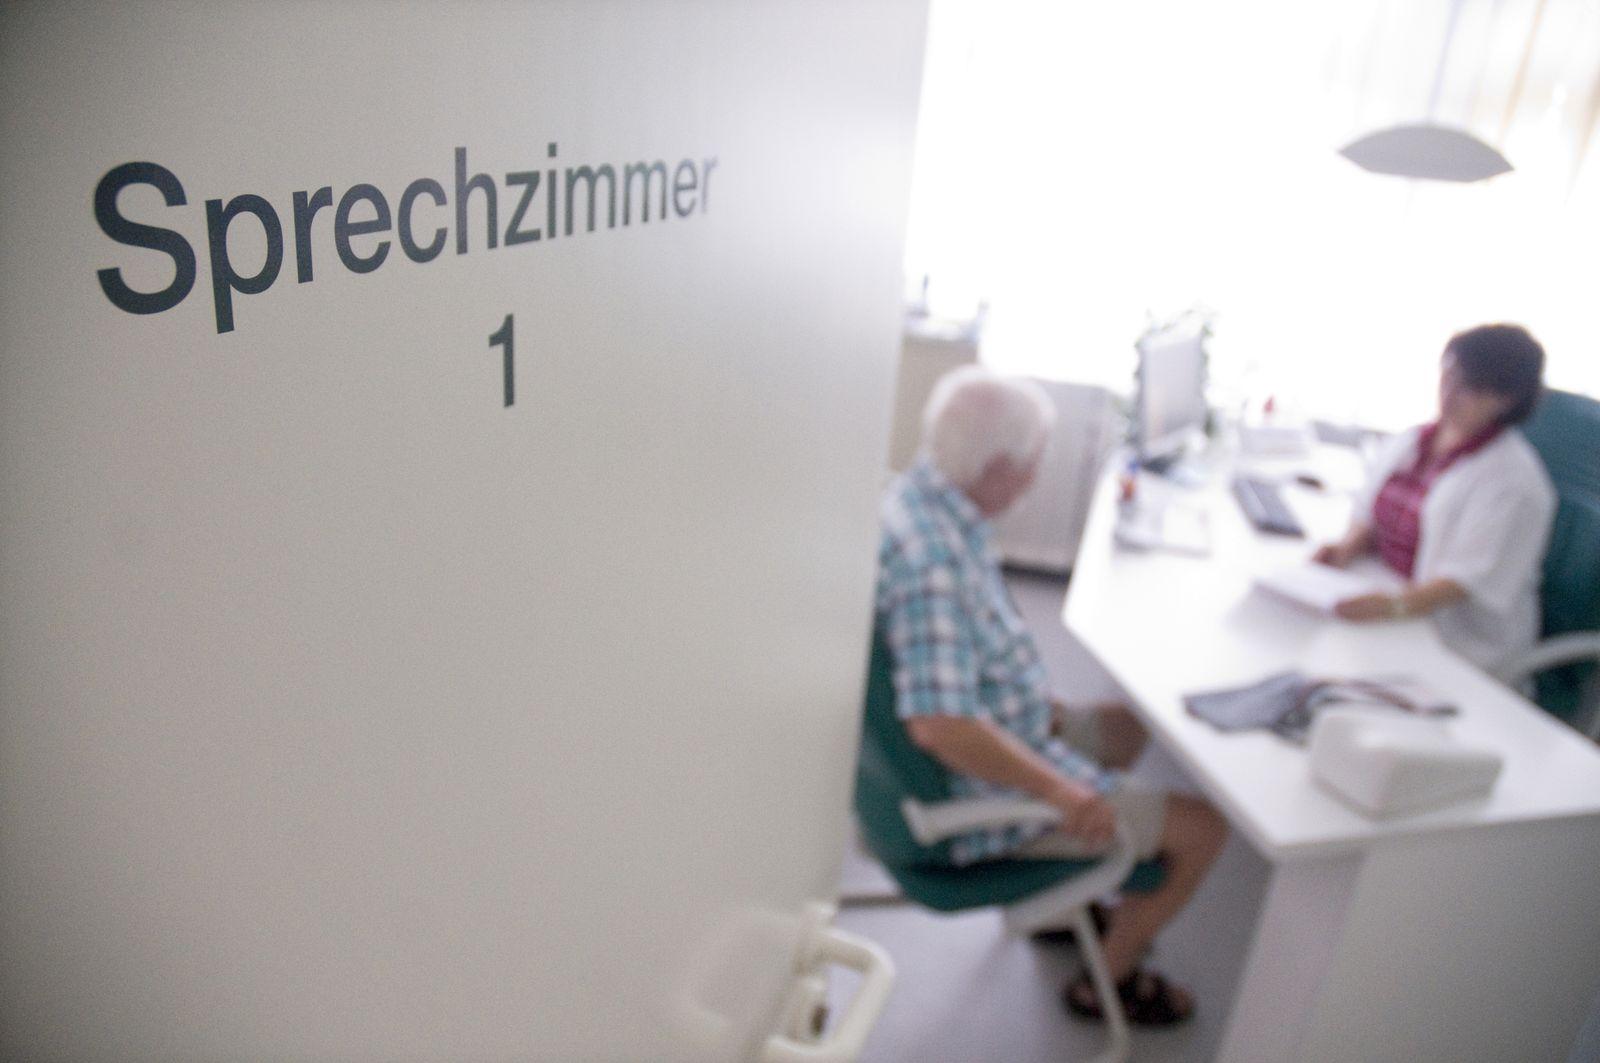 SYMBOLBILD/ Sterbehilfe/ Hausarzt/ Sprechstunde